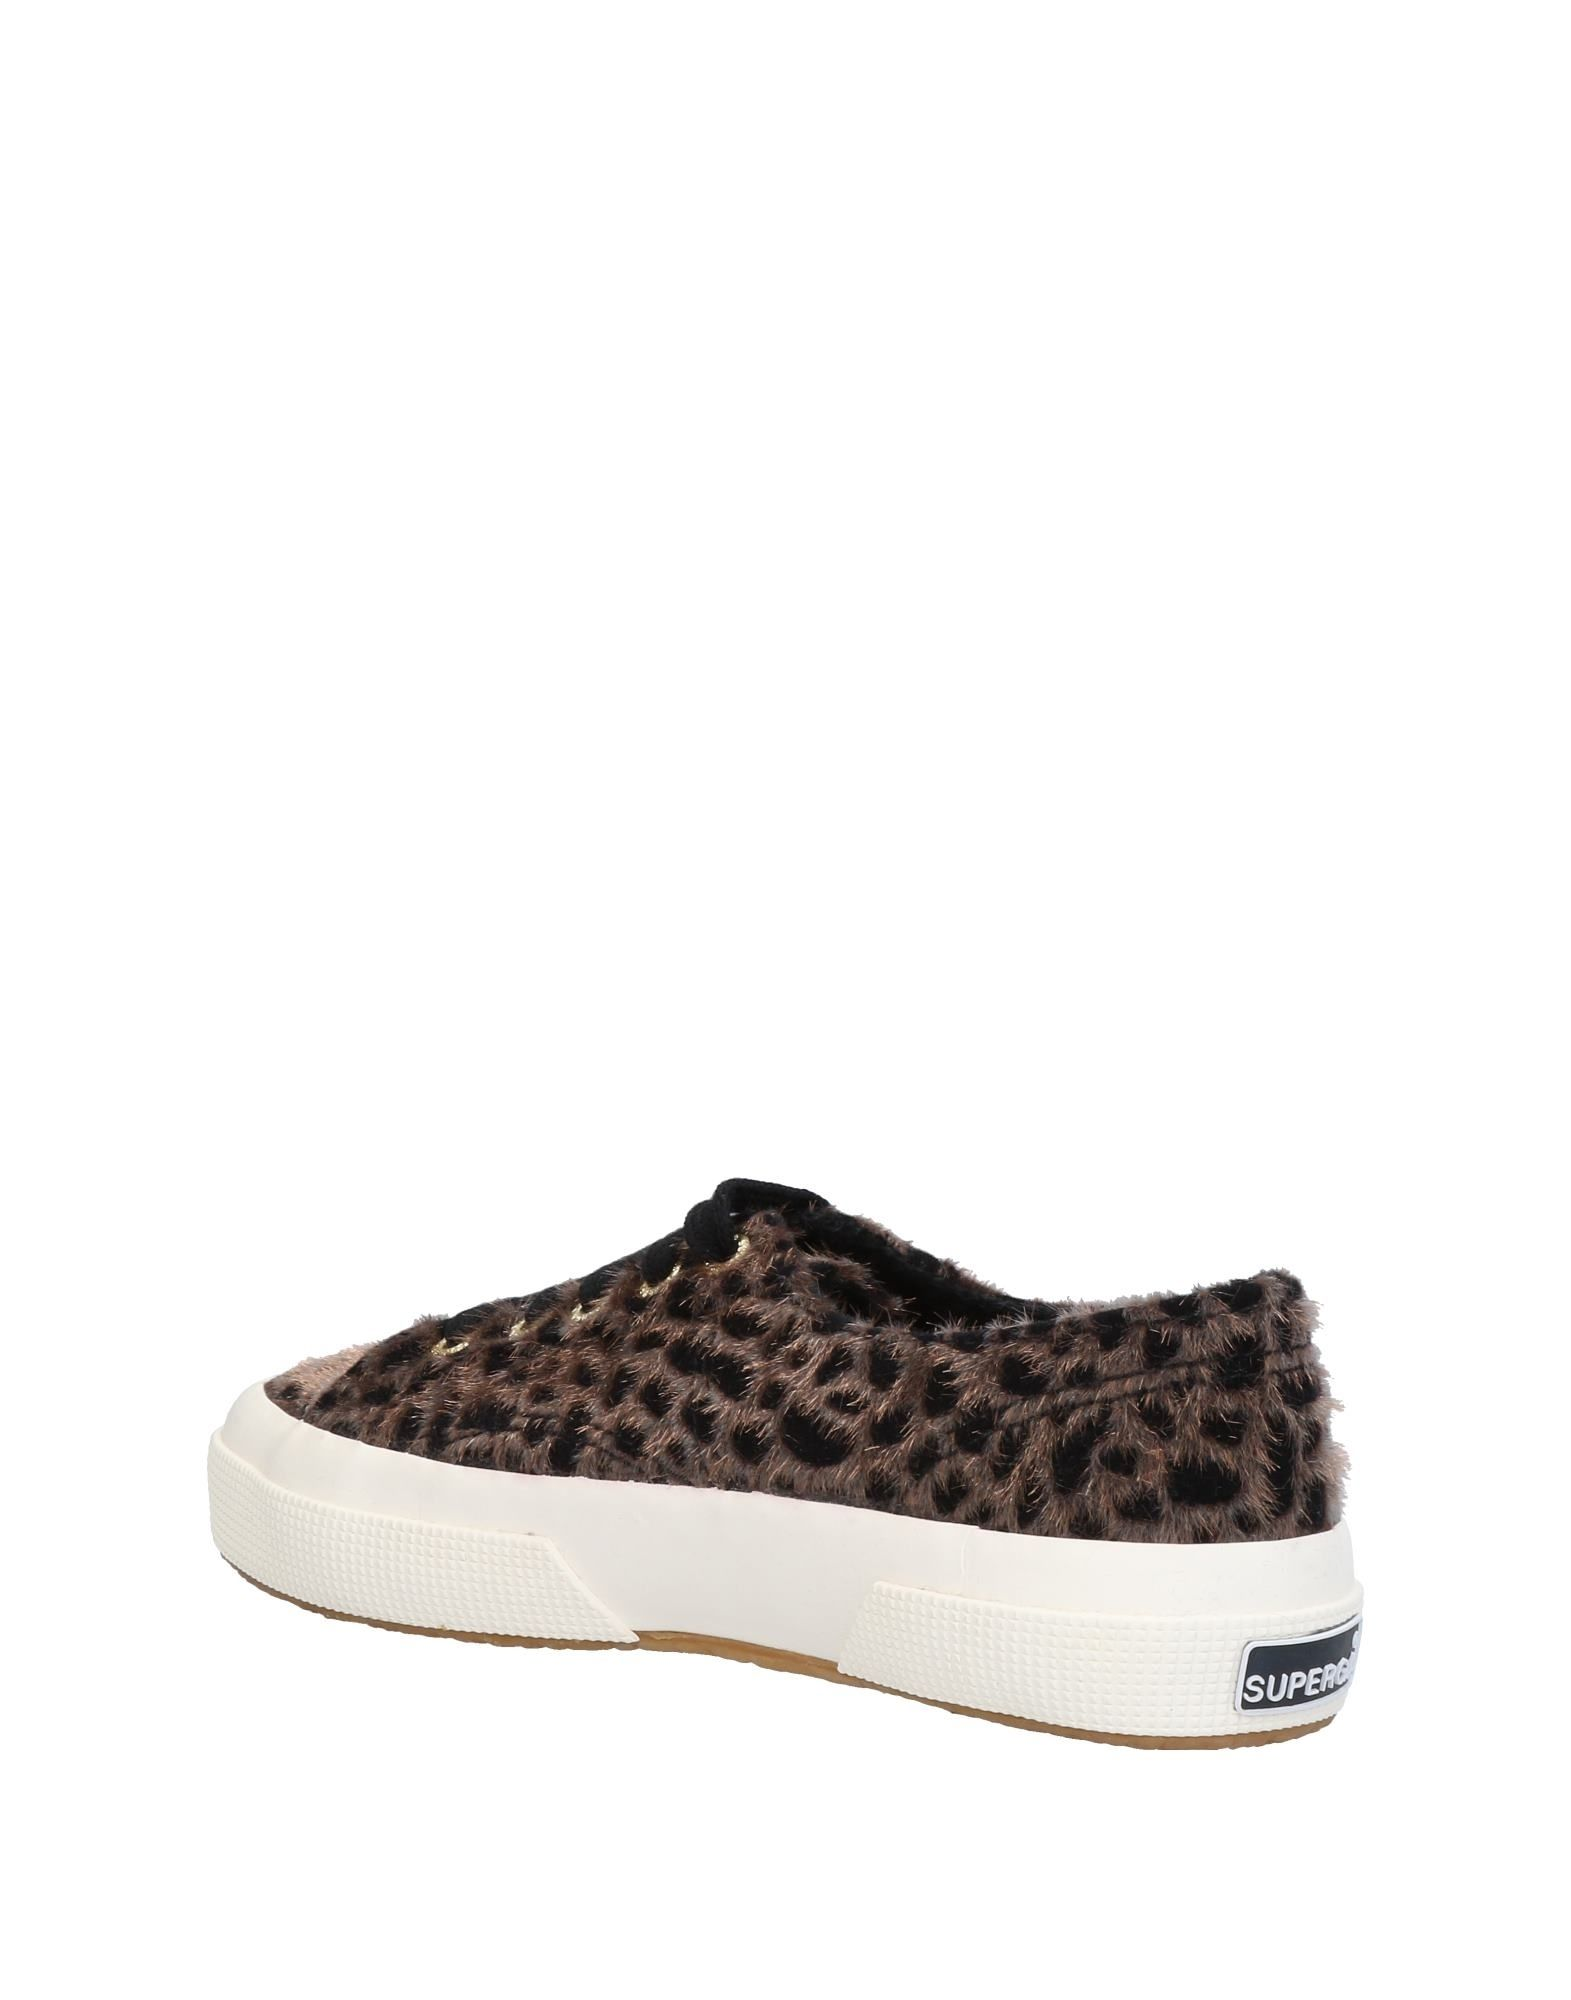 Superga®  Sneakers Damen  11438358OS  Superga® 87355a